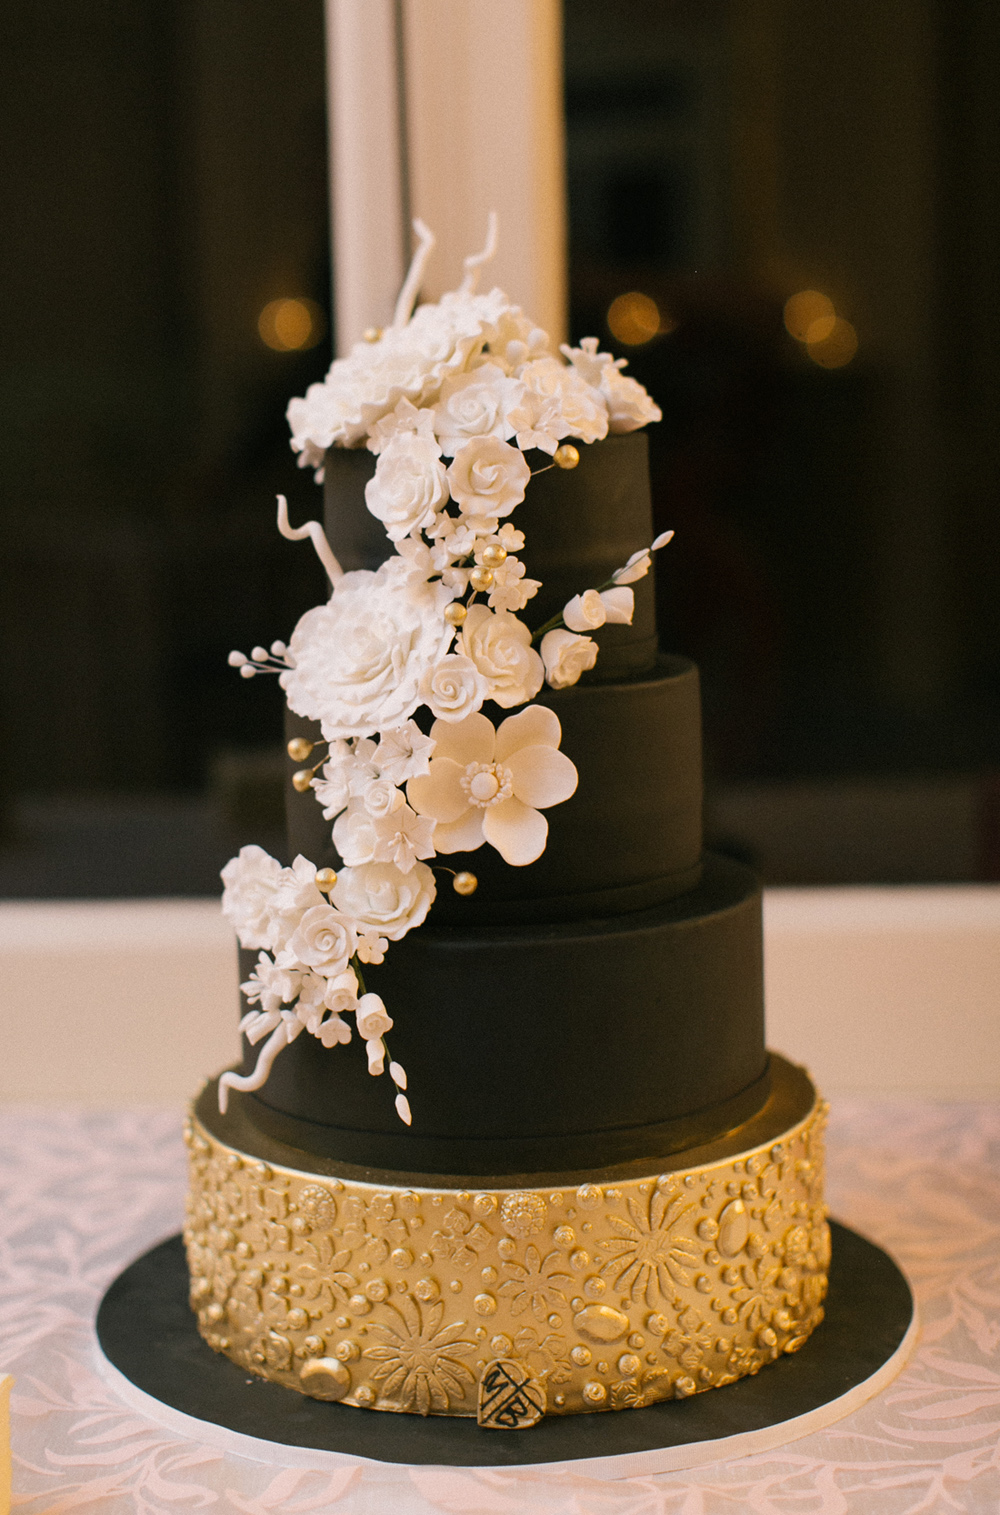 Unique black wedding cake with white flowers and gold base wedding cake ideas